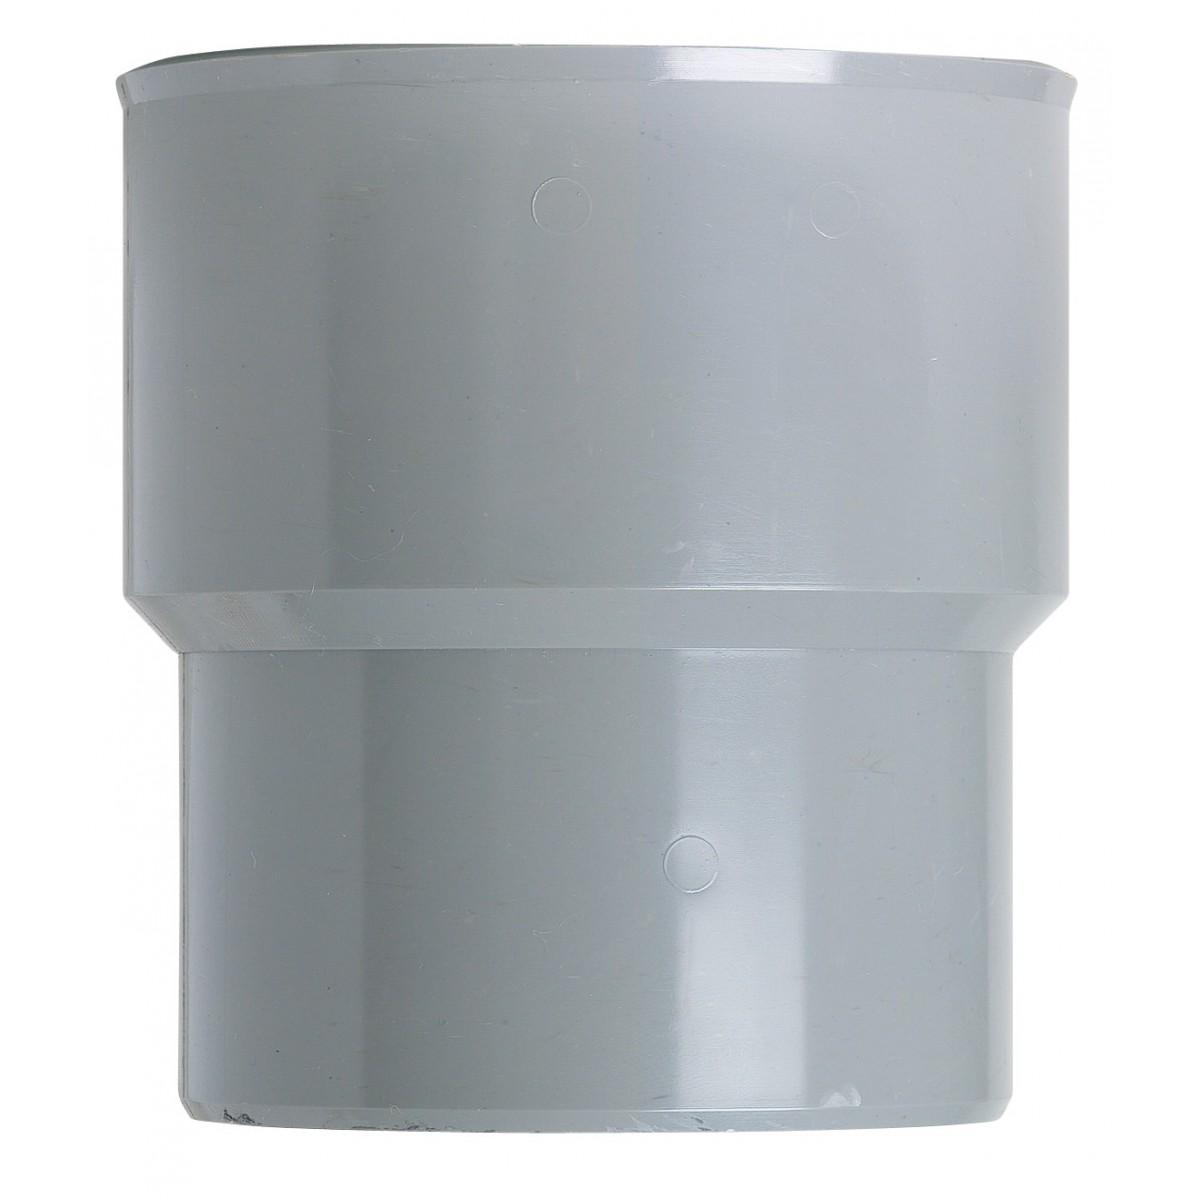 Manchette de réparation Femelle / Mâle Girpi - Diamètre 125 - 118 mm